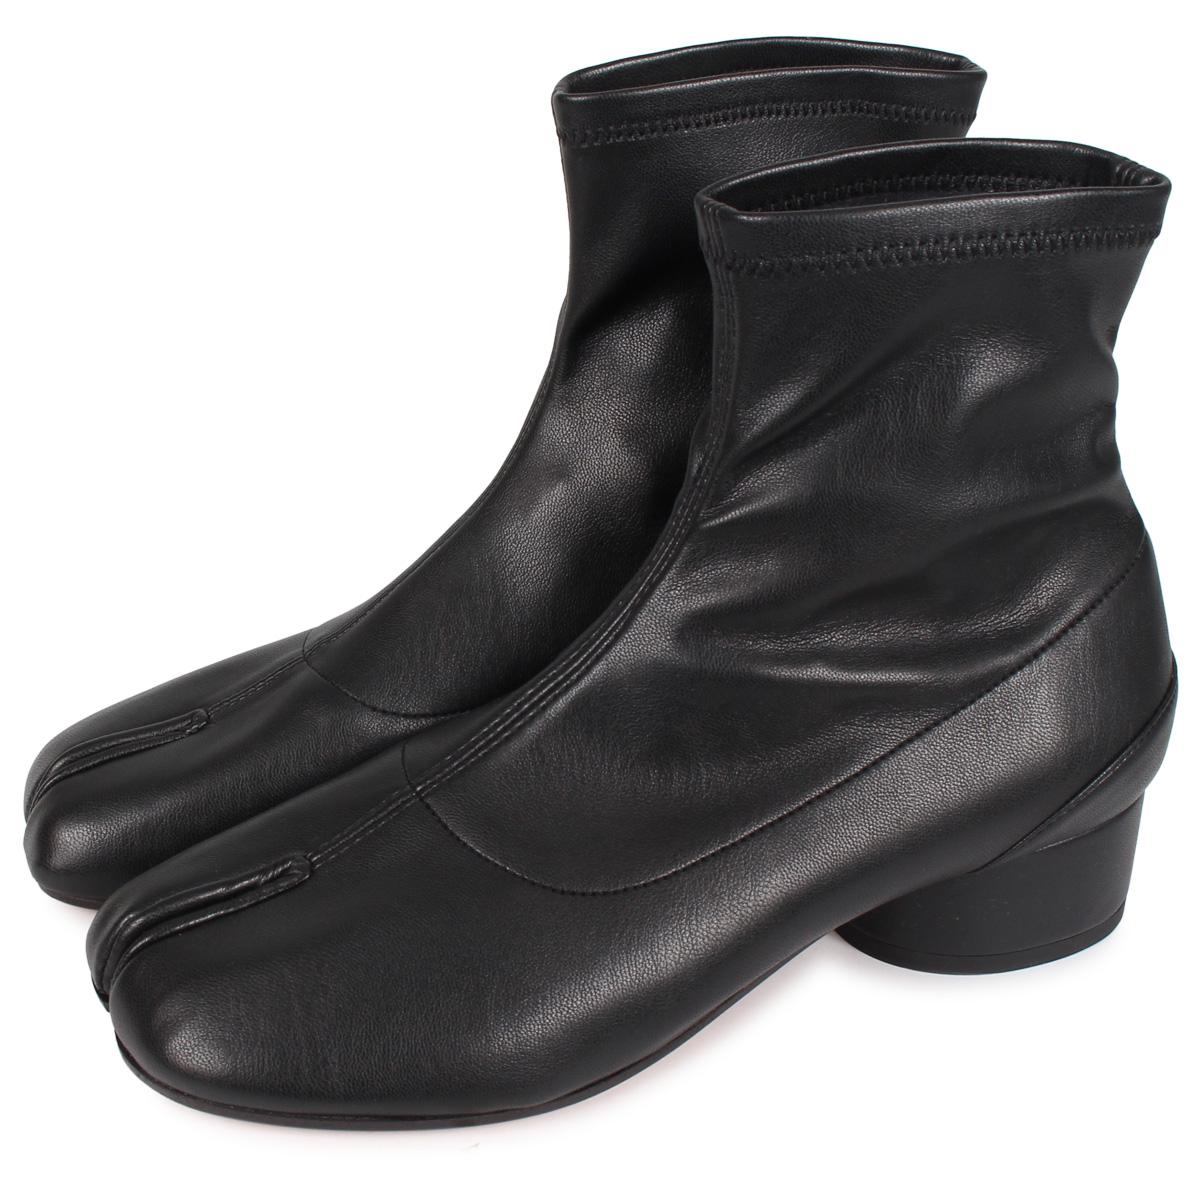 MAISON MARGIELA TABI ANKLE BOOT メゾンマルジェラ タビ アンクル ブーツ ブーツ ショートブーツ レディース ブラック 黒 S58WU0270 [4/6 新入荷]